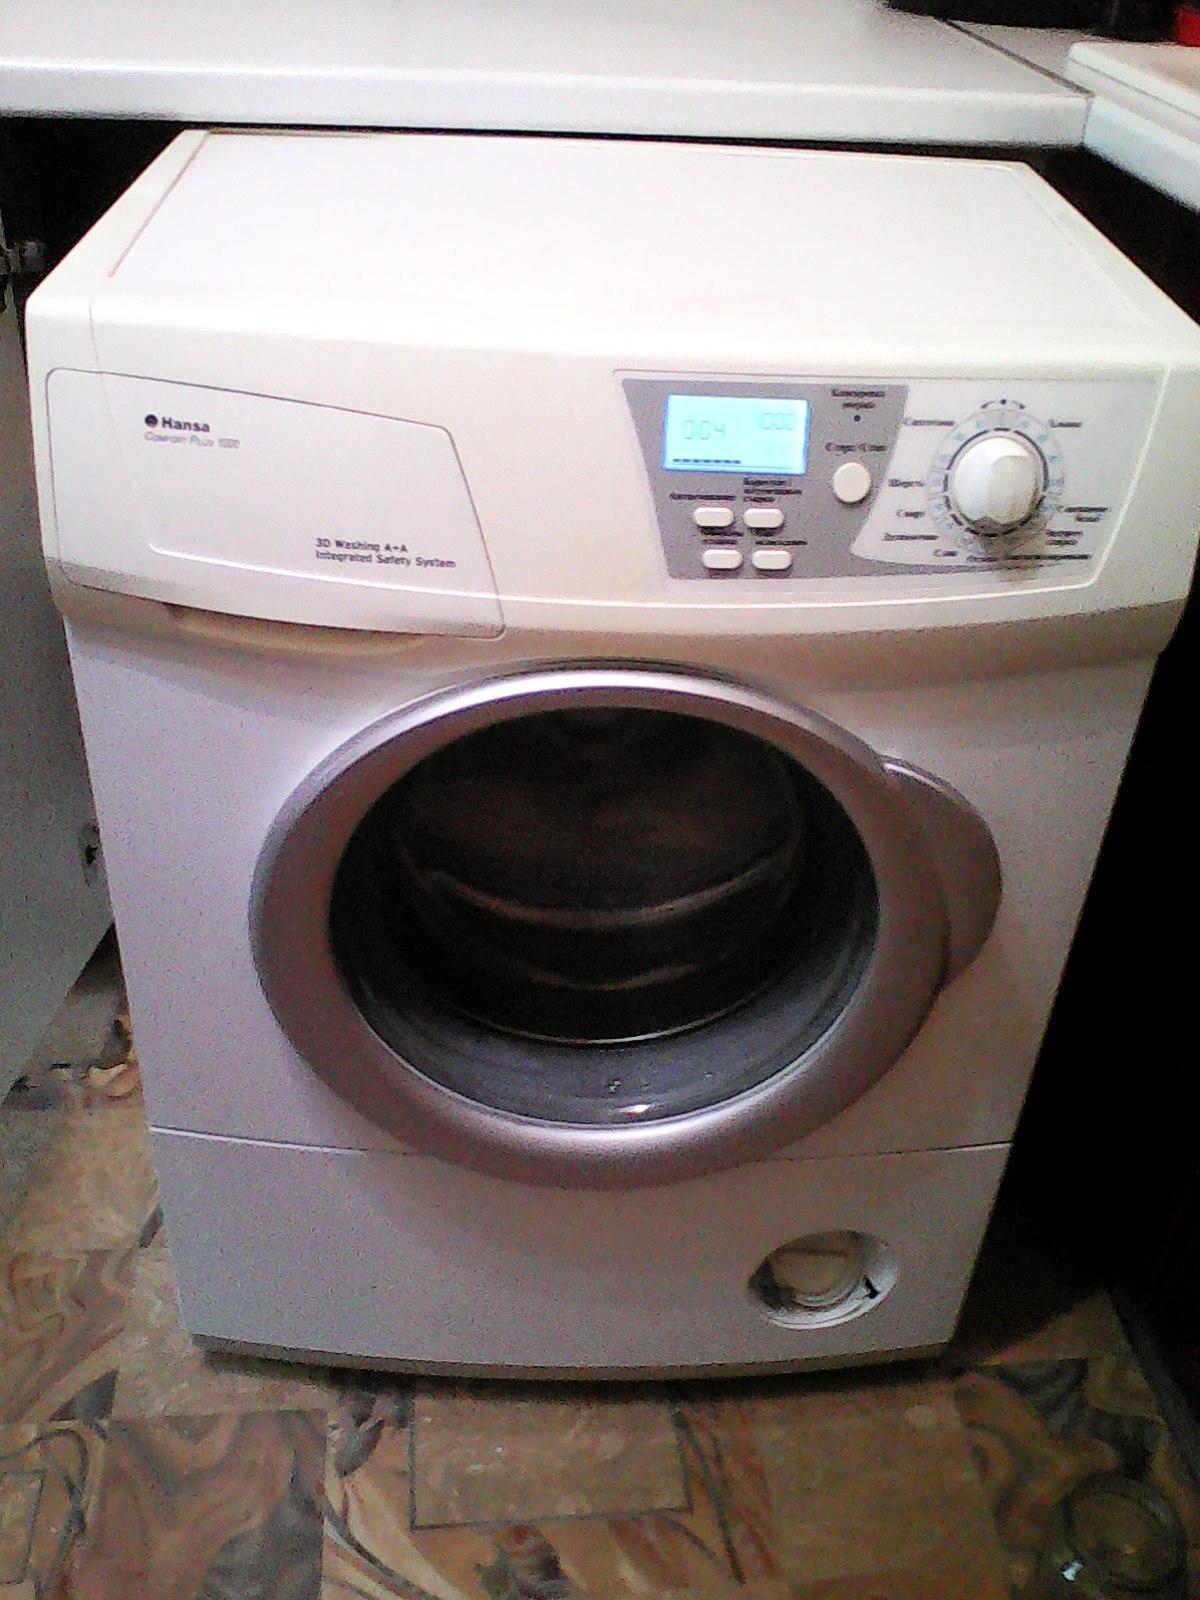 Автоматическая стиральная машина Hansa Comfort Plus 1000